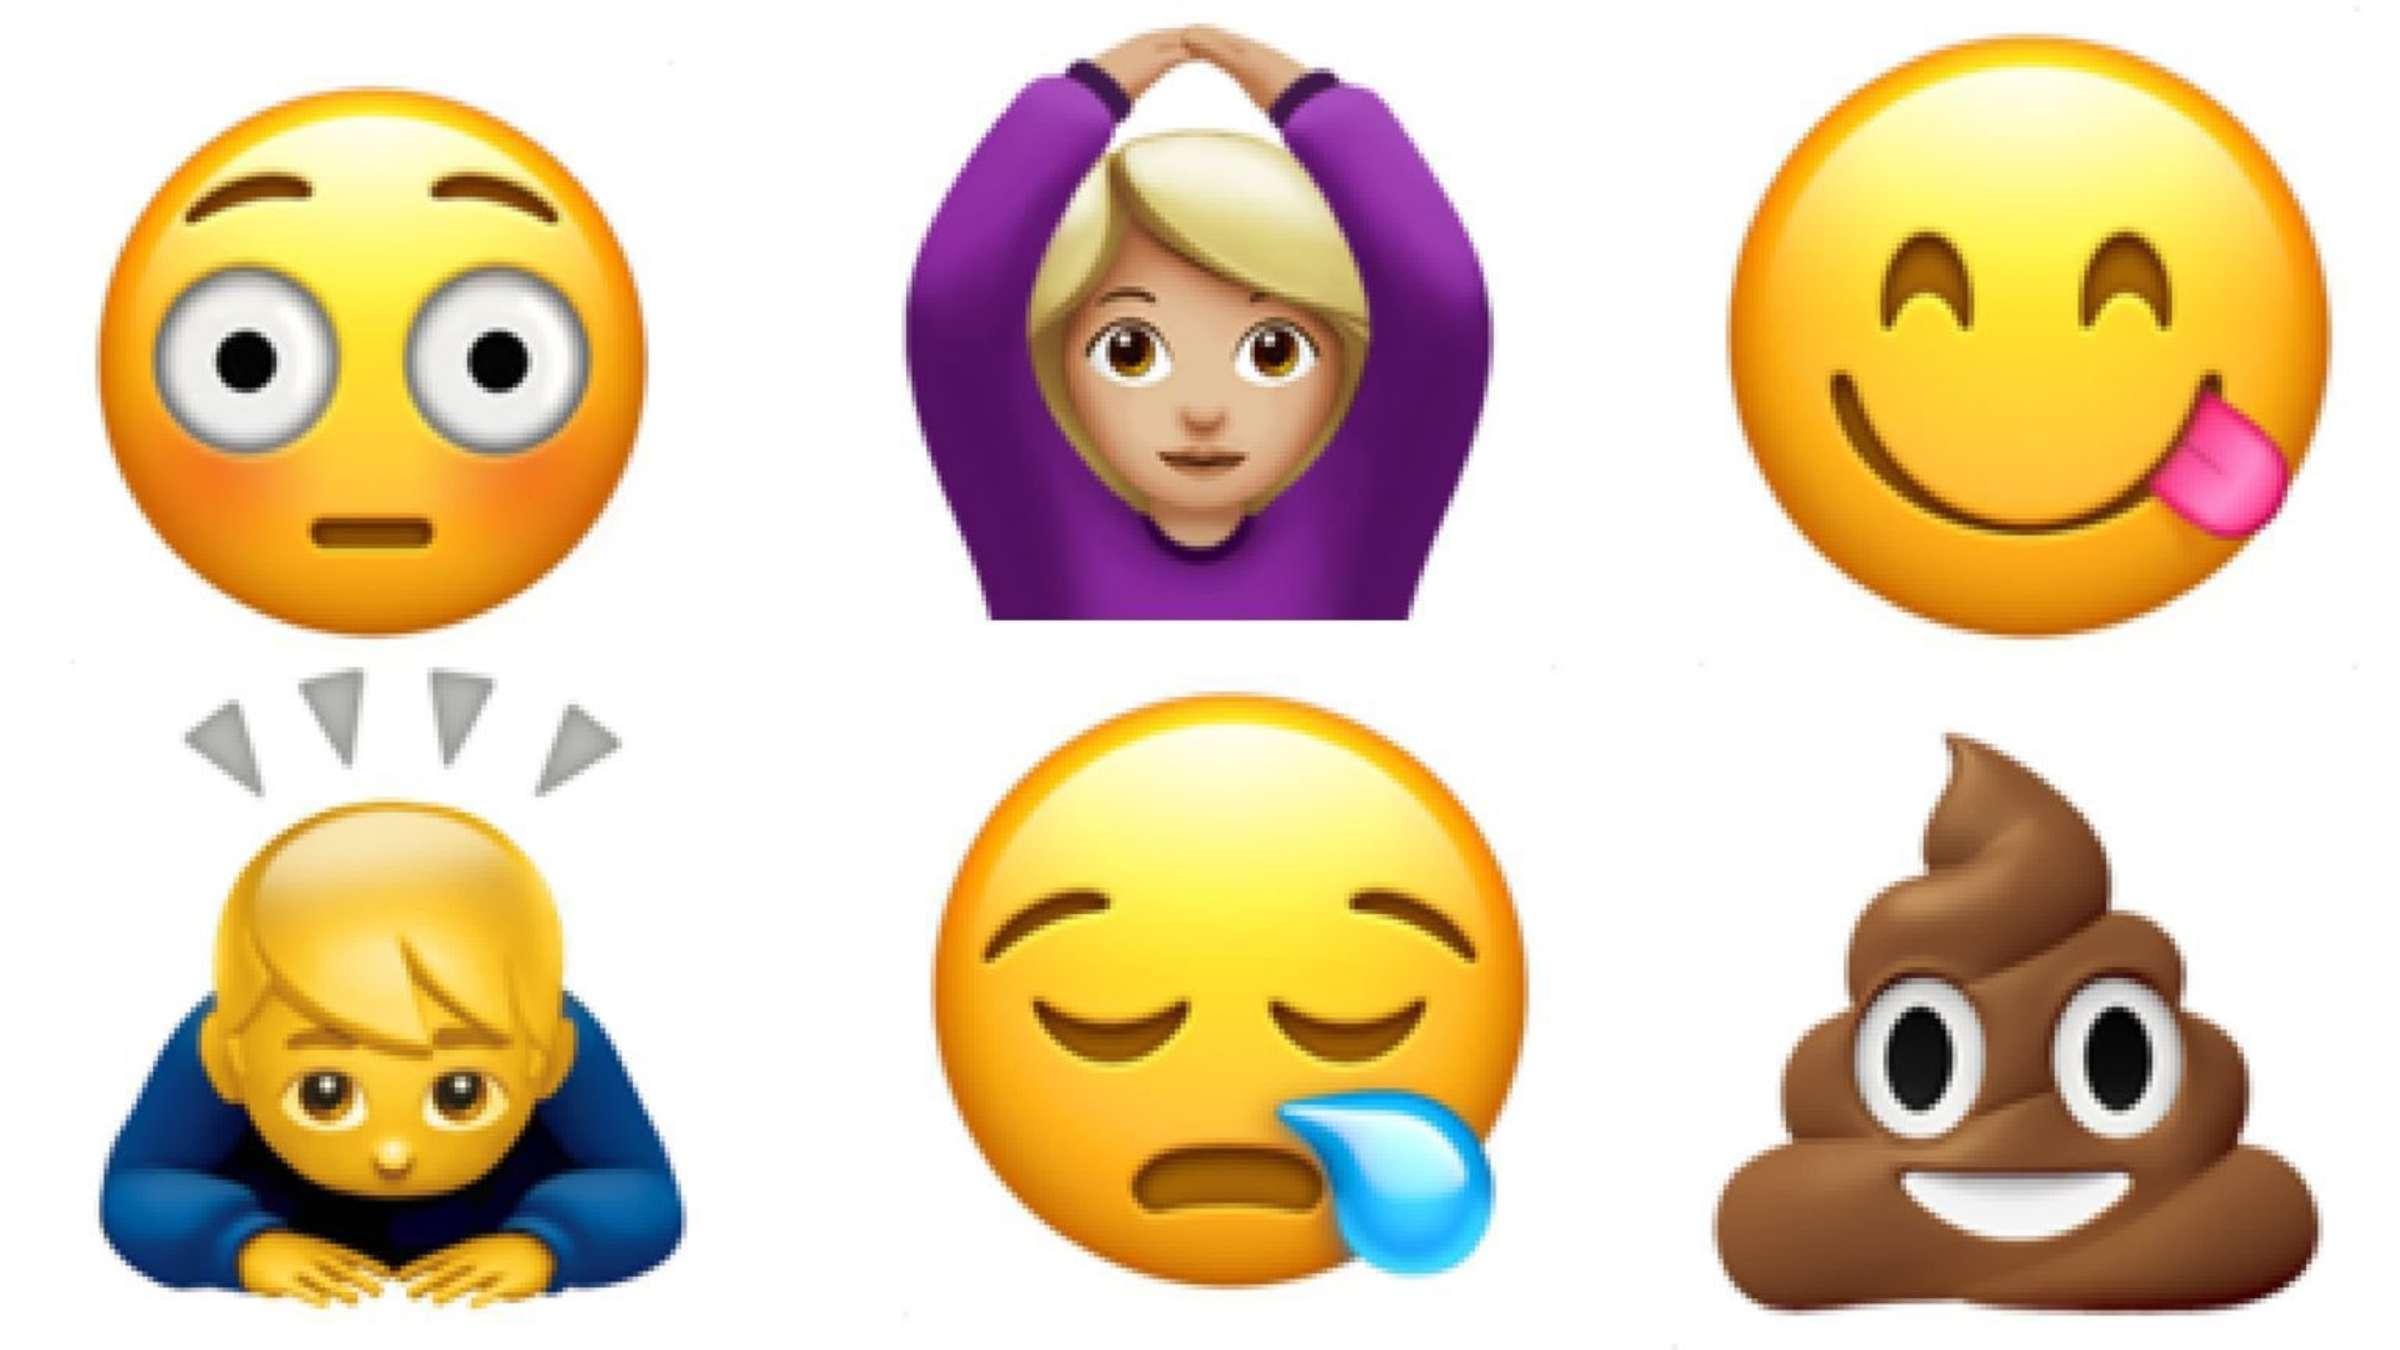 eigentliche bedeutung emojis